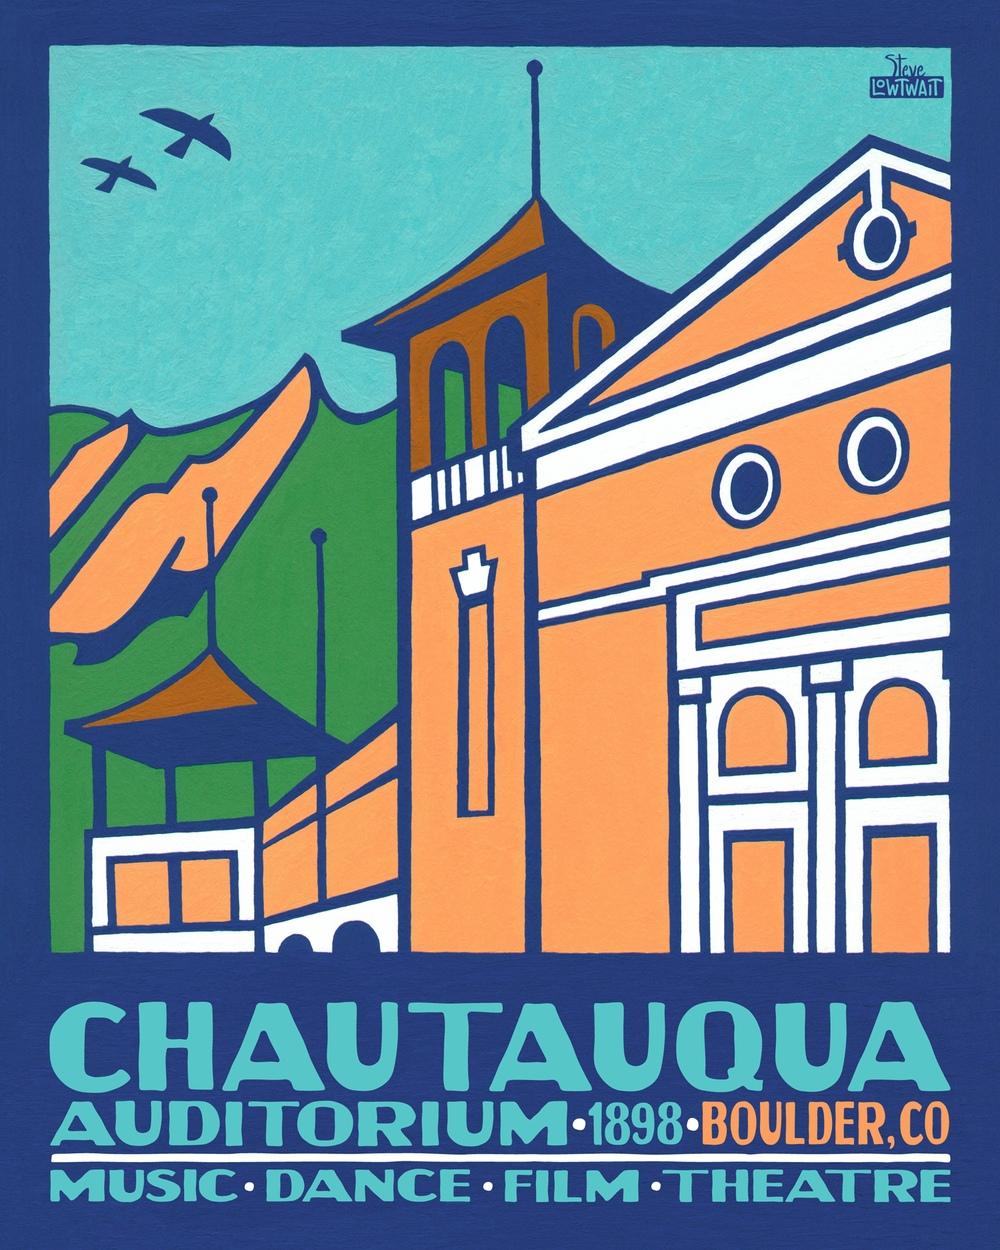 Chautauqua Auditorium,Boulder• Buy